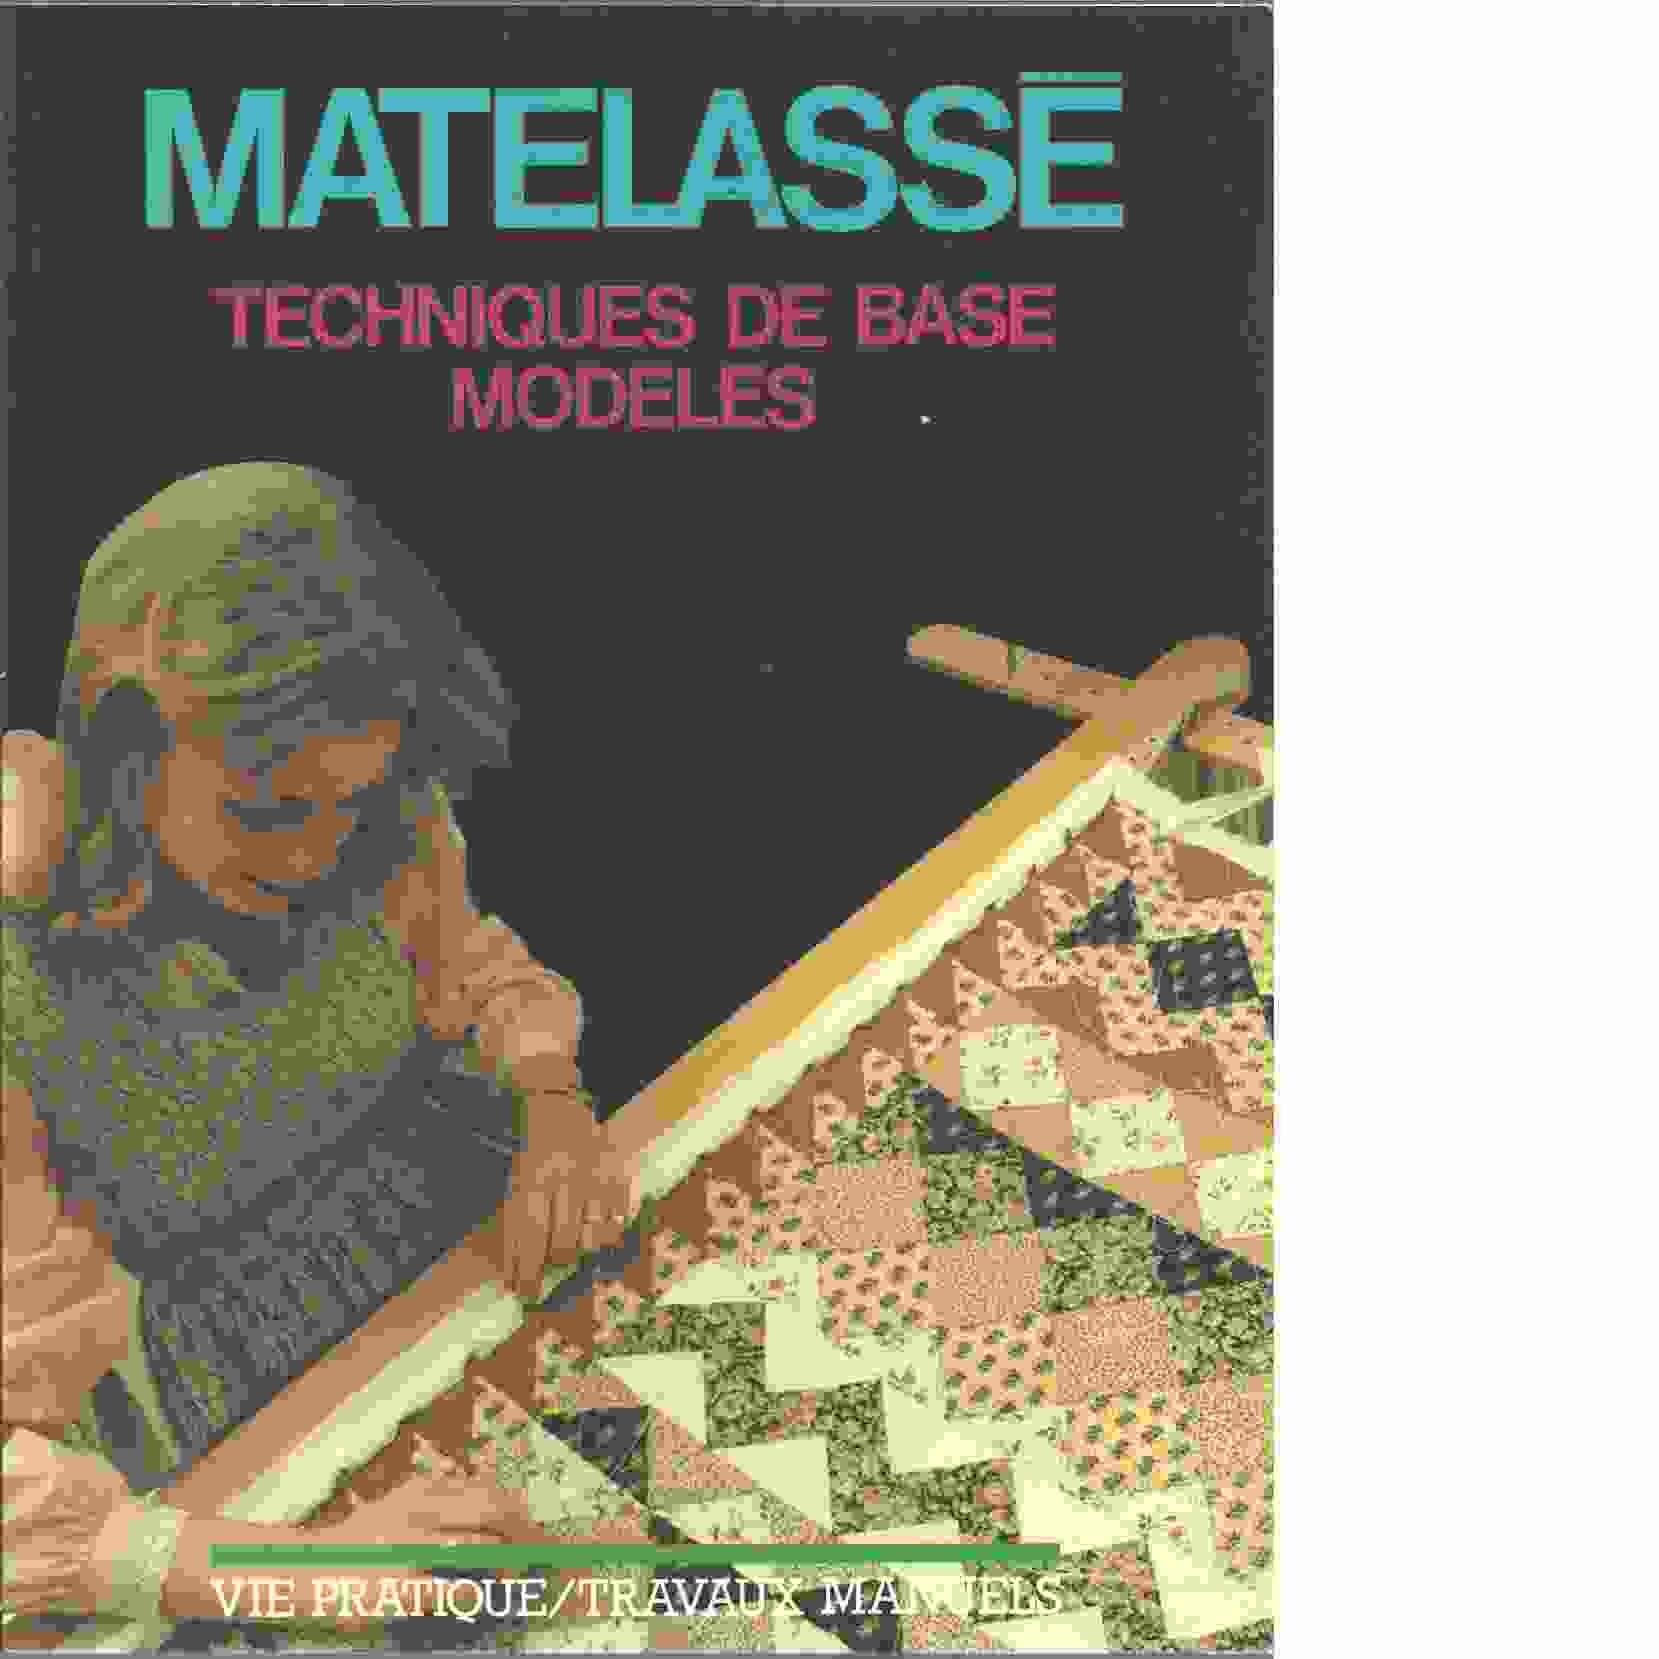 MATELASSE, TECHNIQUES DE BASE MODELES PAR MOYRA MCNEILL  - Red.